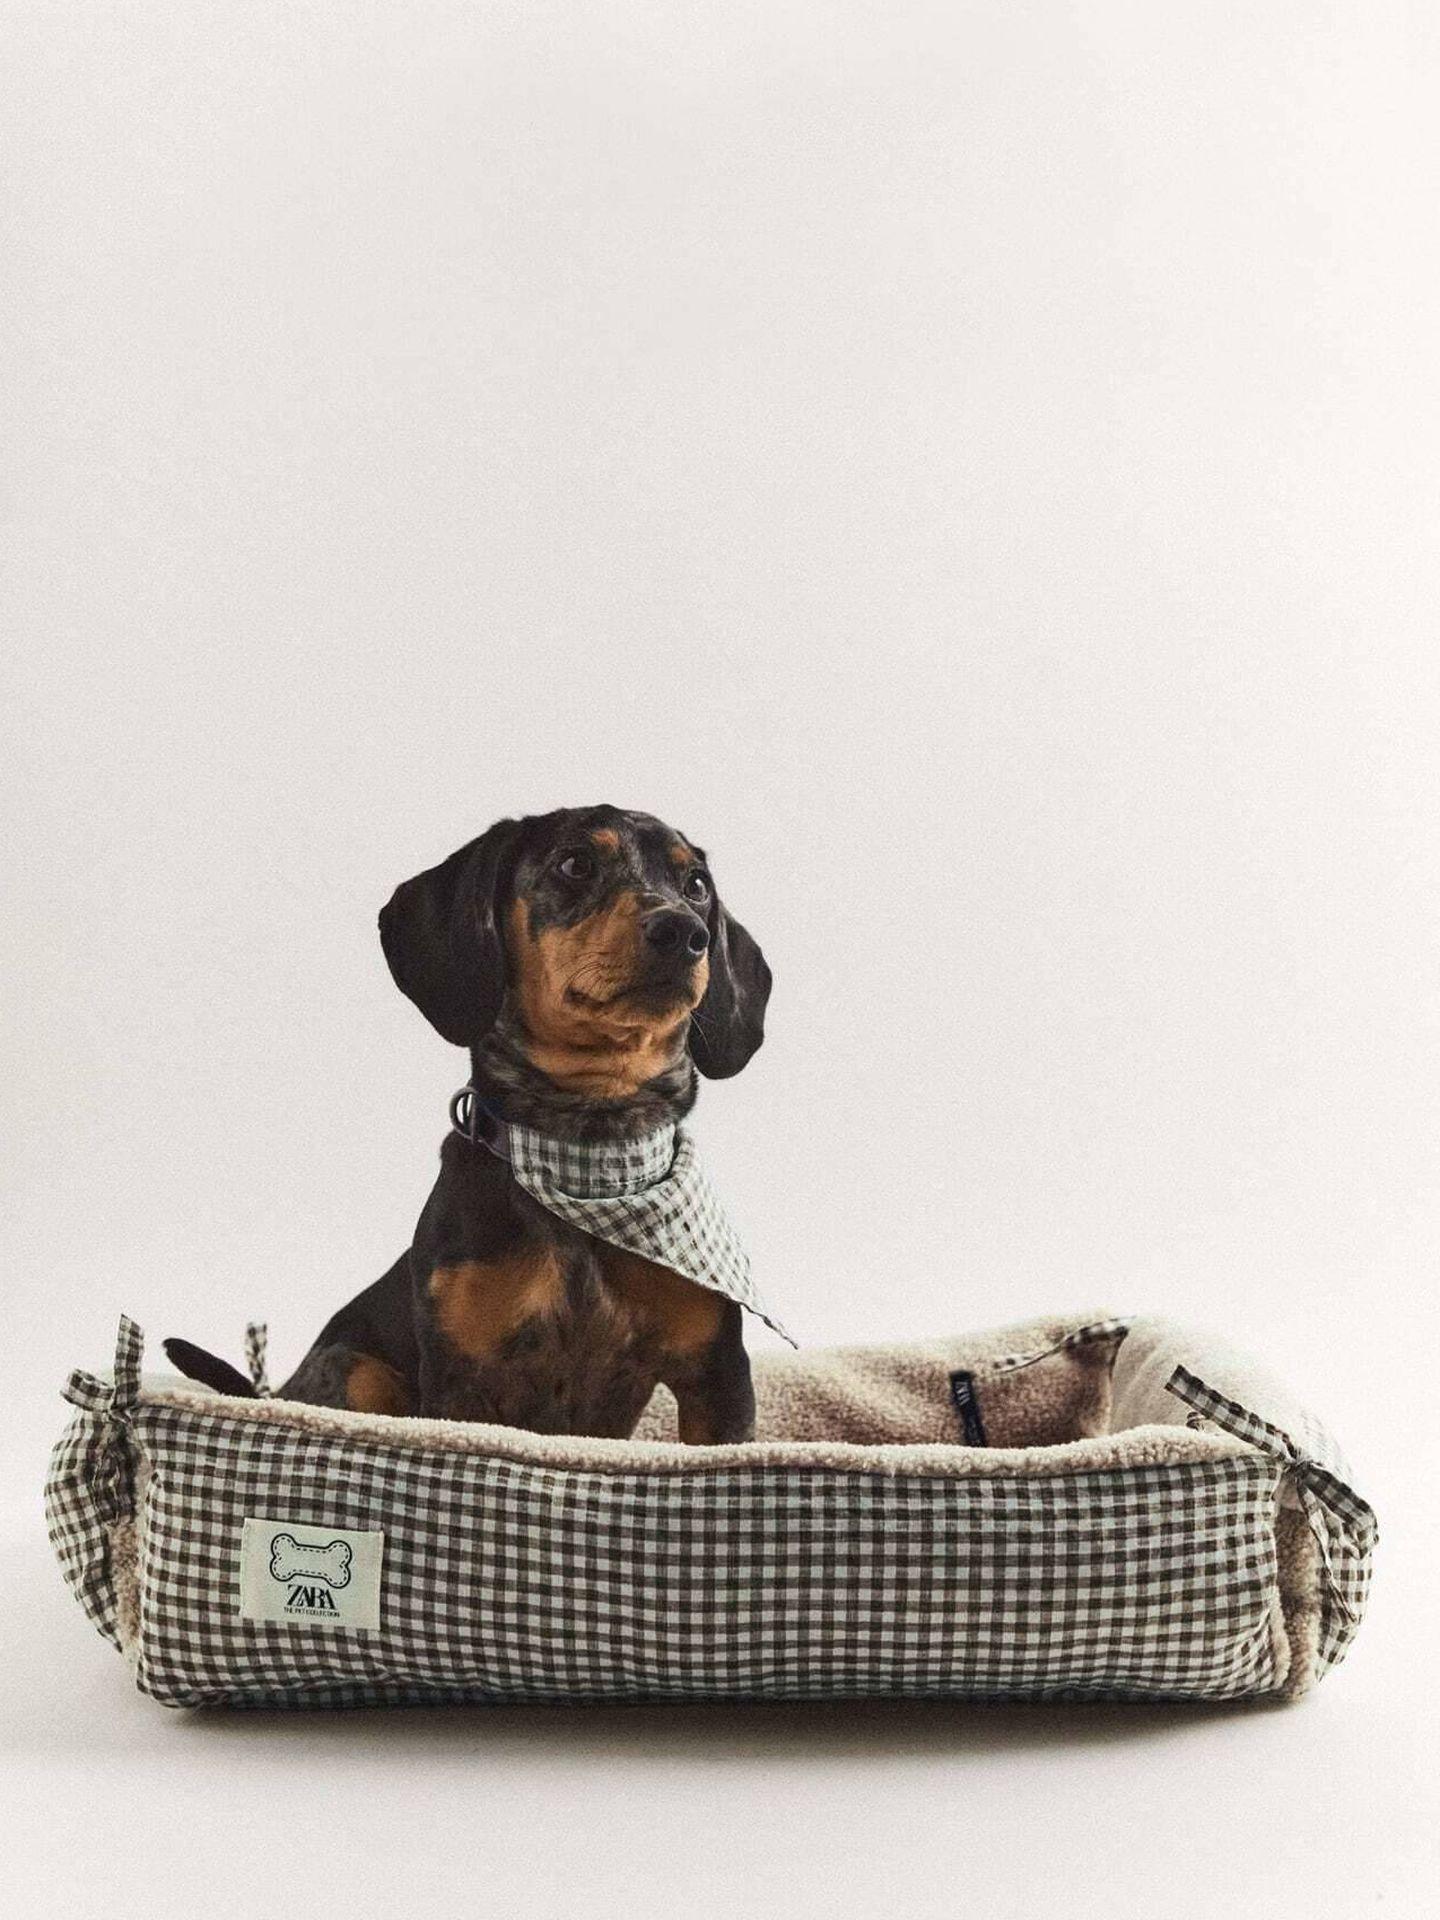 Una de las camas para perros de Zara. (Cortesía)